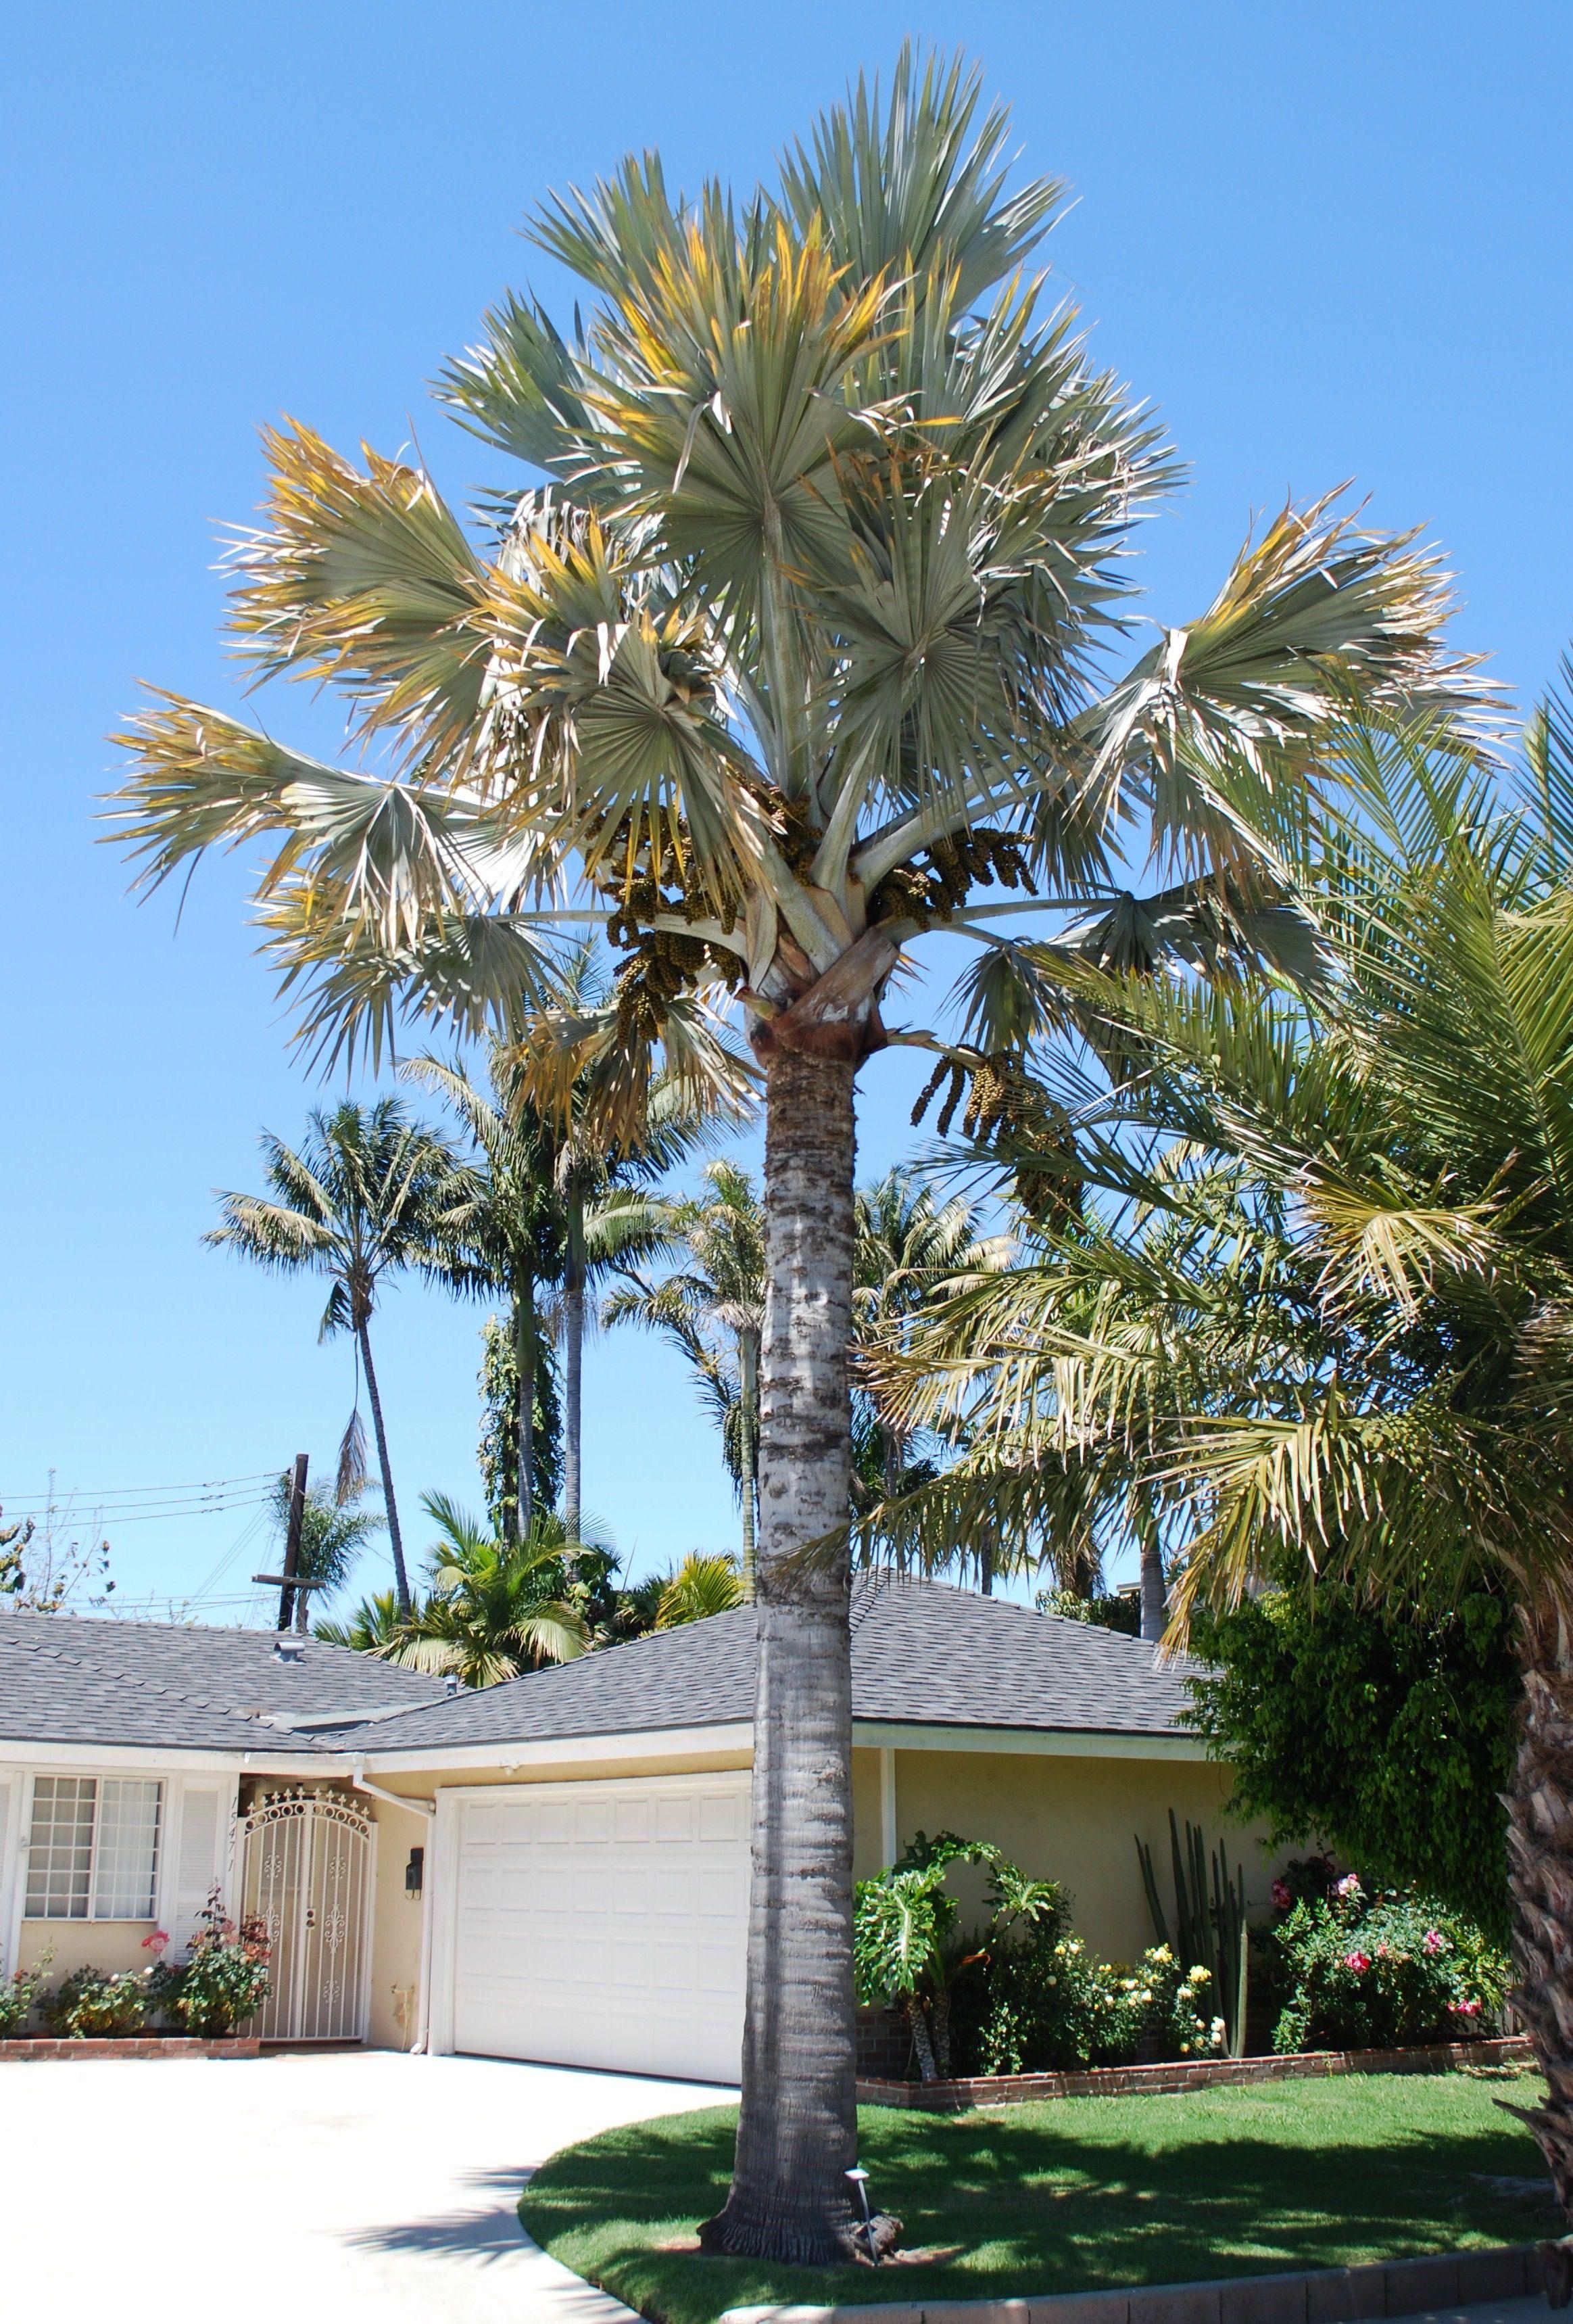 Um belo e bem cuidado gramado junto a uma palmeira azul no auge de sua força e beleza